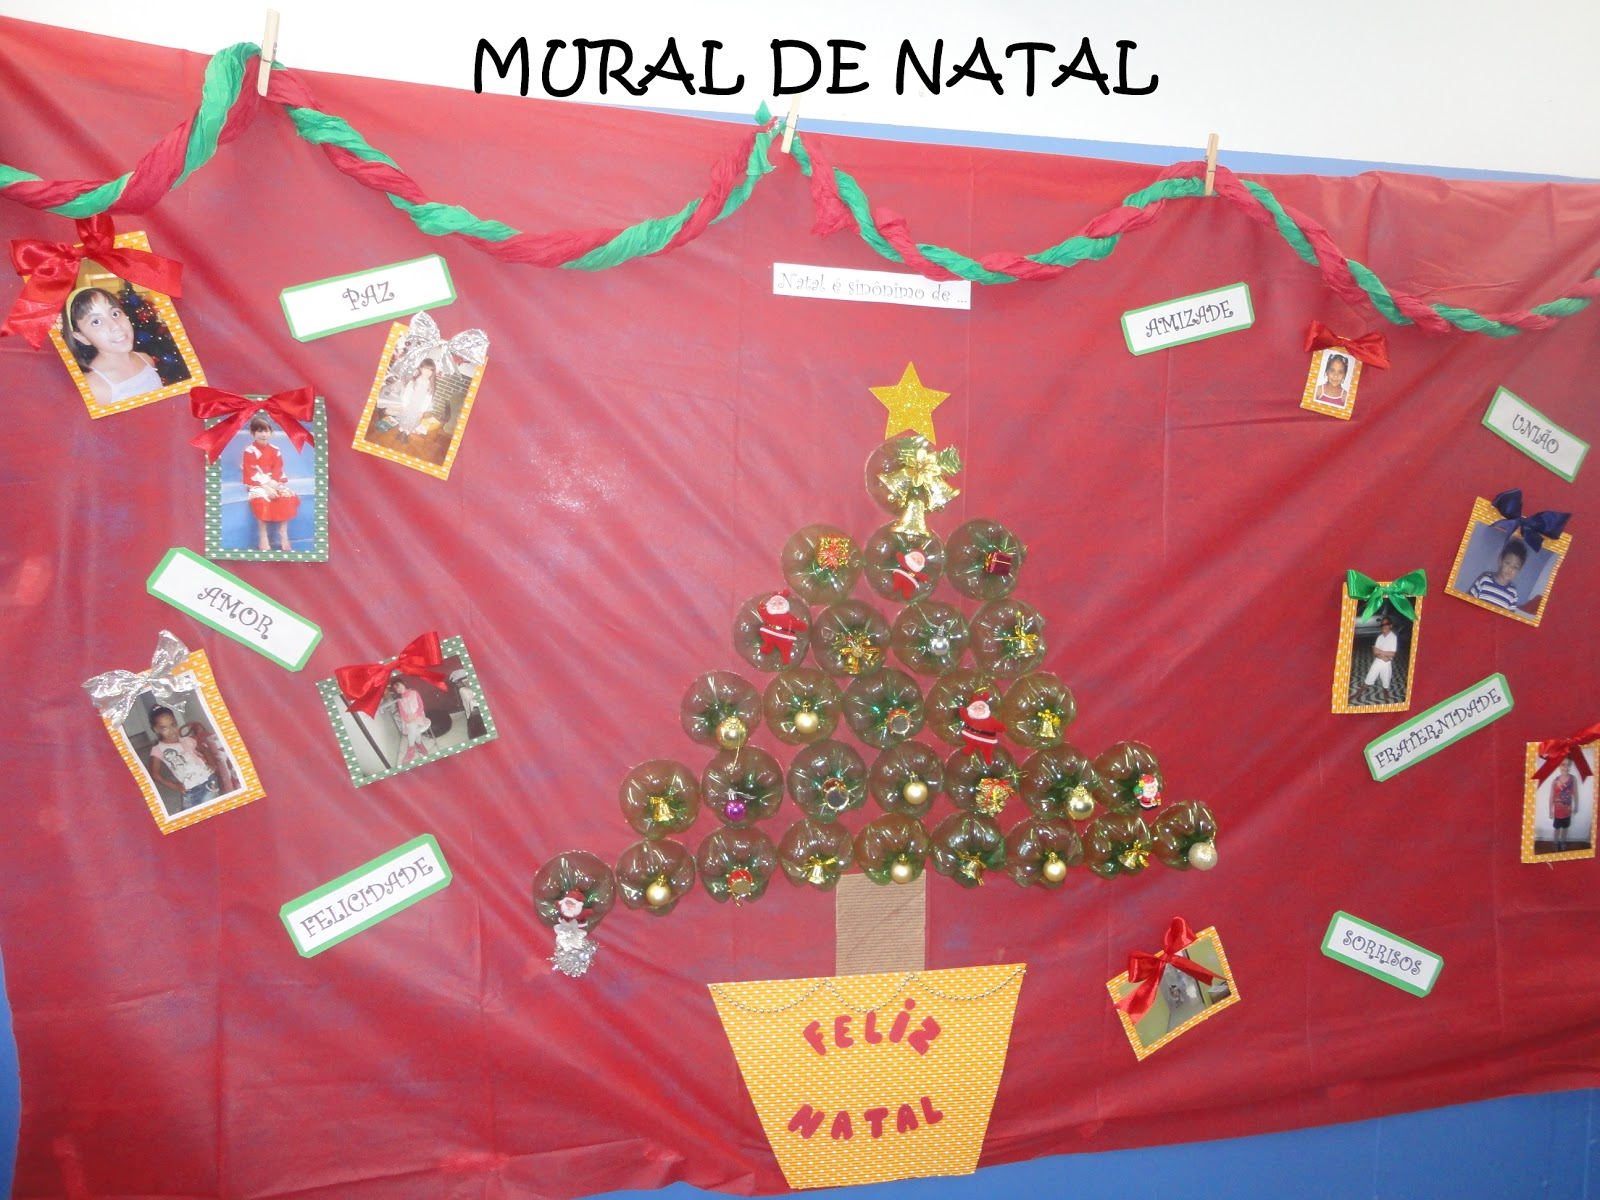 Pr cris educando com amor id ia p mural de natal for Mural de natal 4 ano